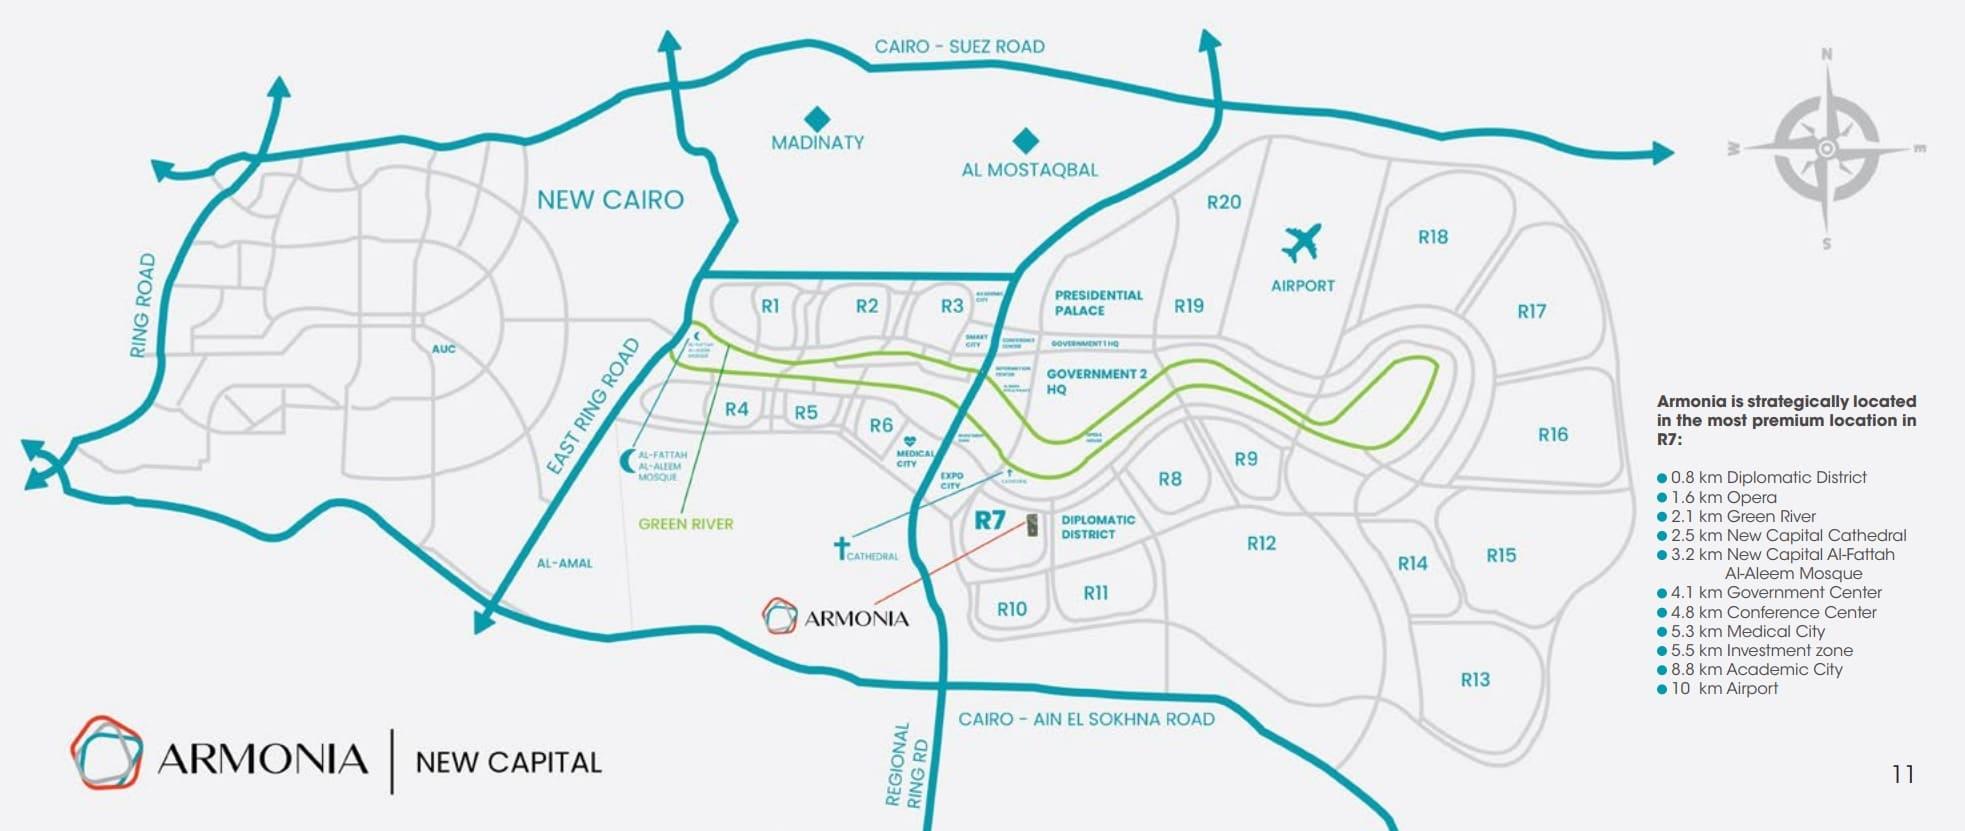 الطريق الى كمبوند ارمونيا العاصمة الادراية الجديدة Compound Armonia